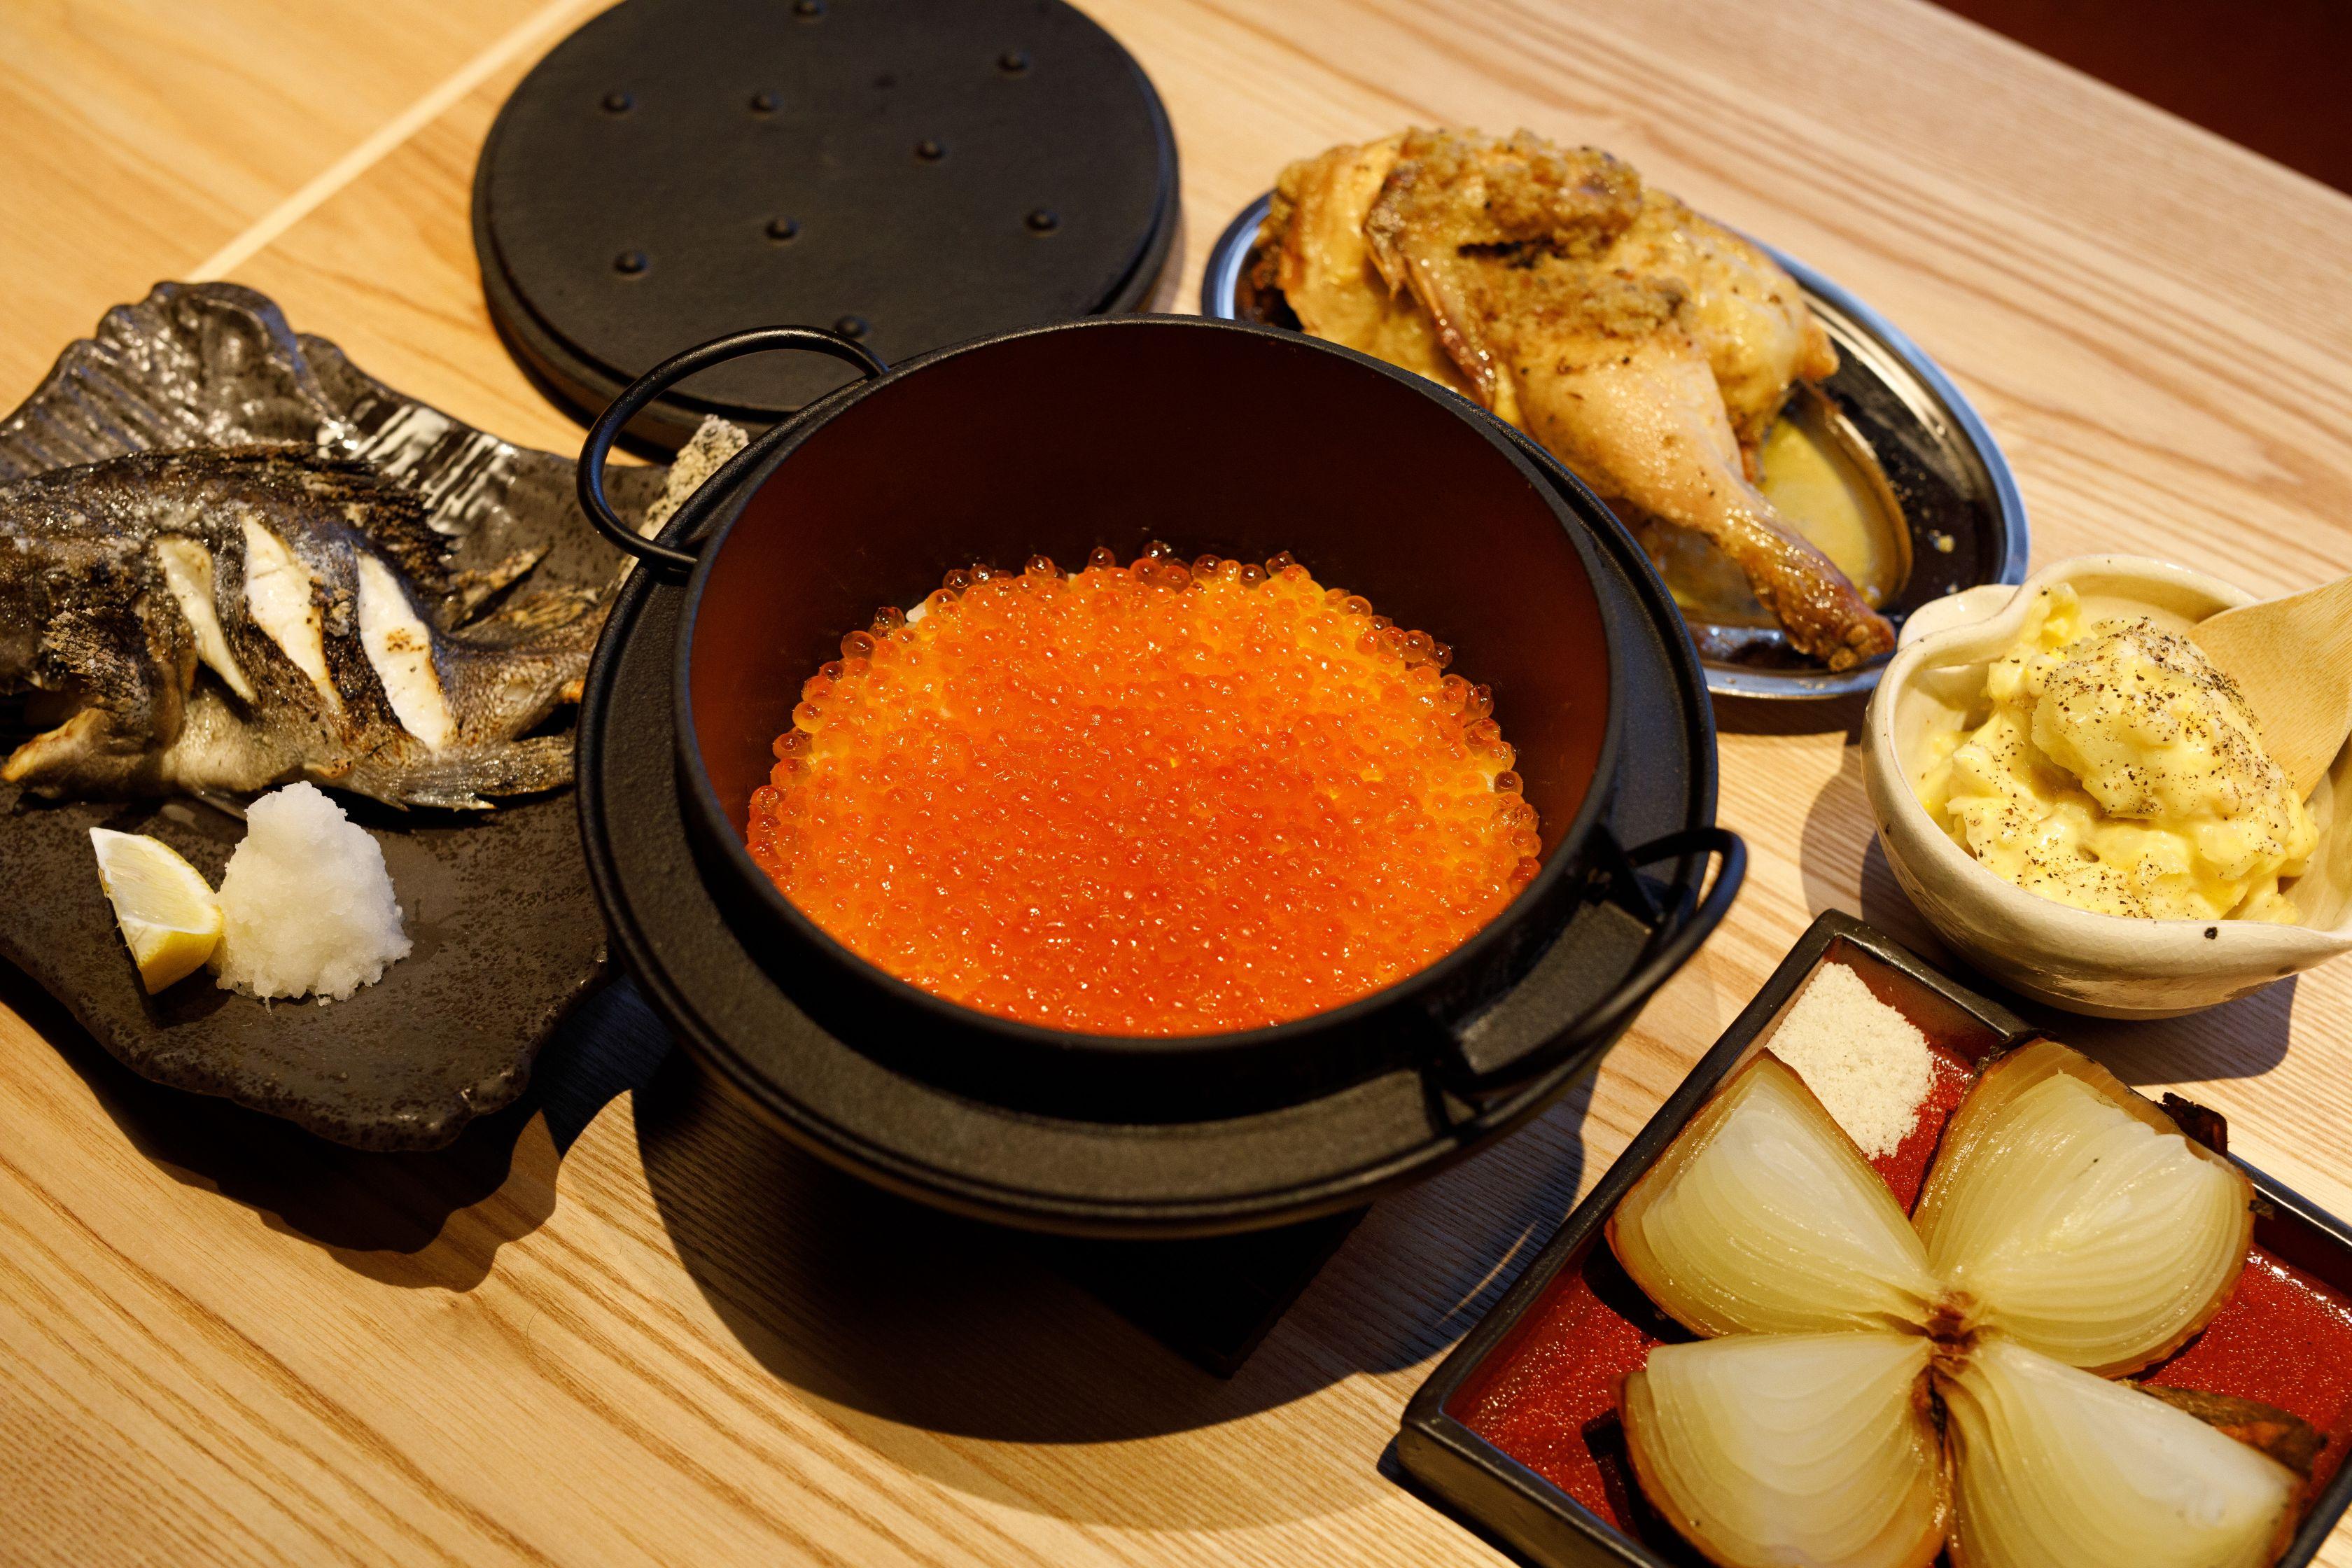 香ばしい炉端焼きでもてなす「ろばたの魚炉米」&4ジャンル超えた料理を楽しむ「GRAND KAZAN ~グランカザン~」 - MG 2138